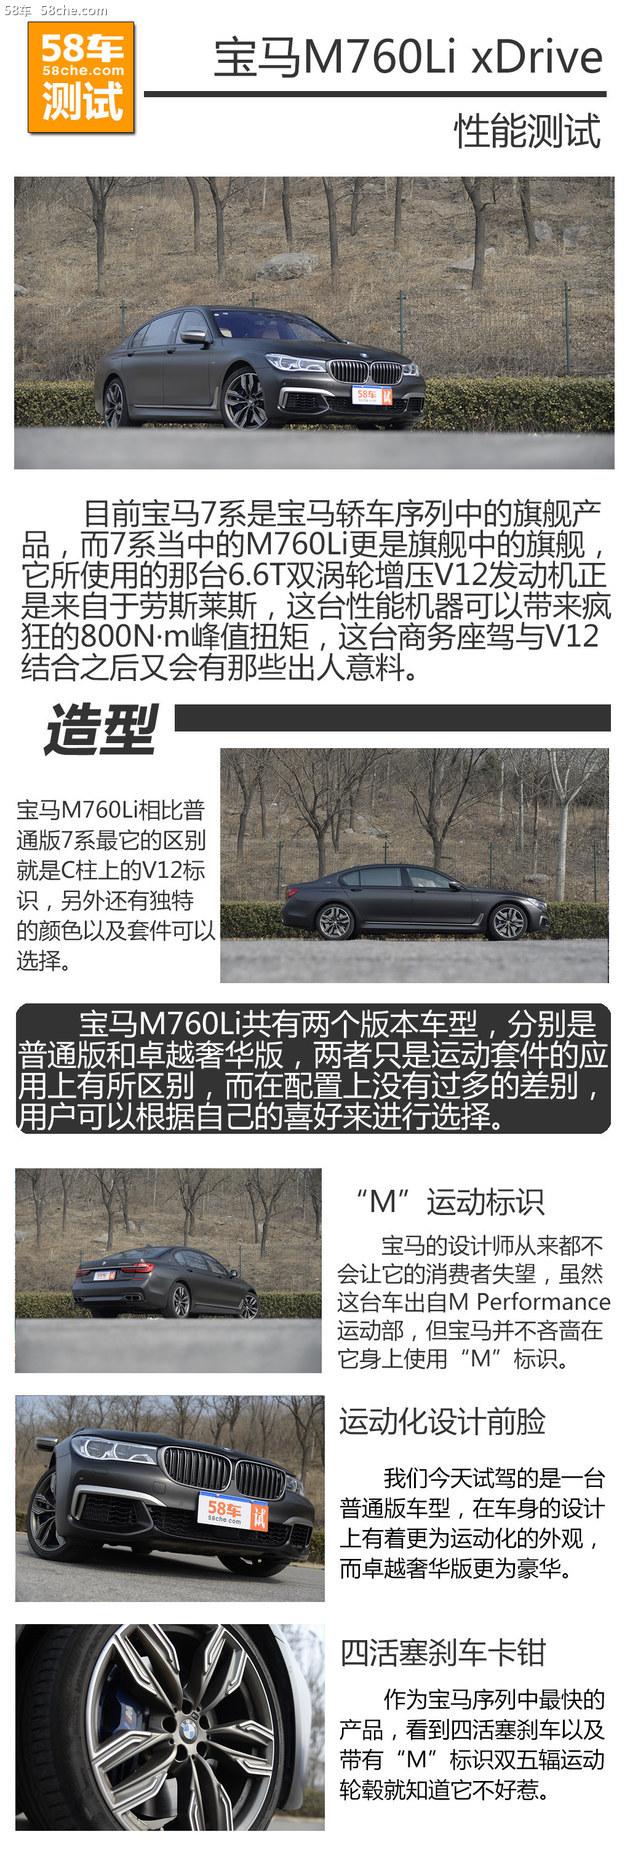 宝马M760Li xDrive性能测试 最速宝马